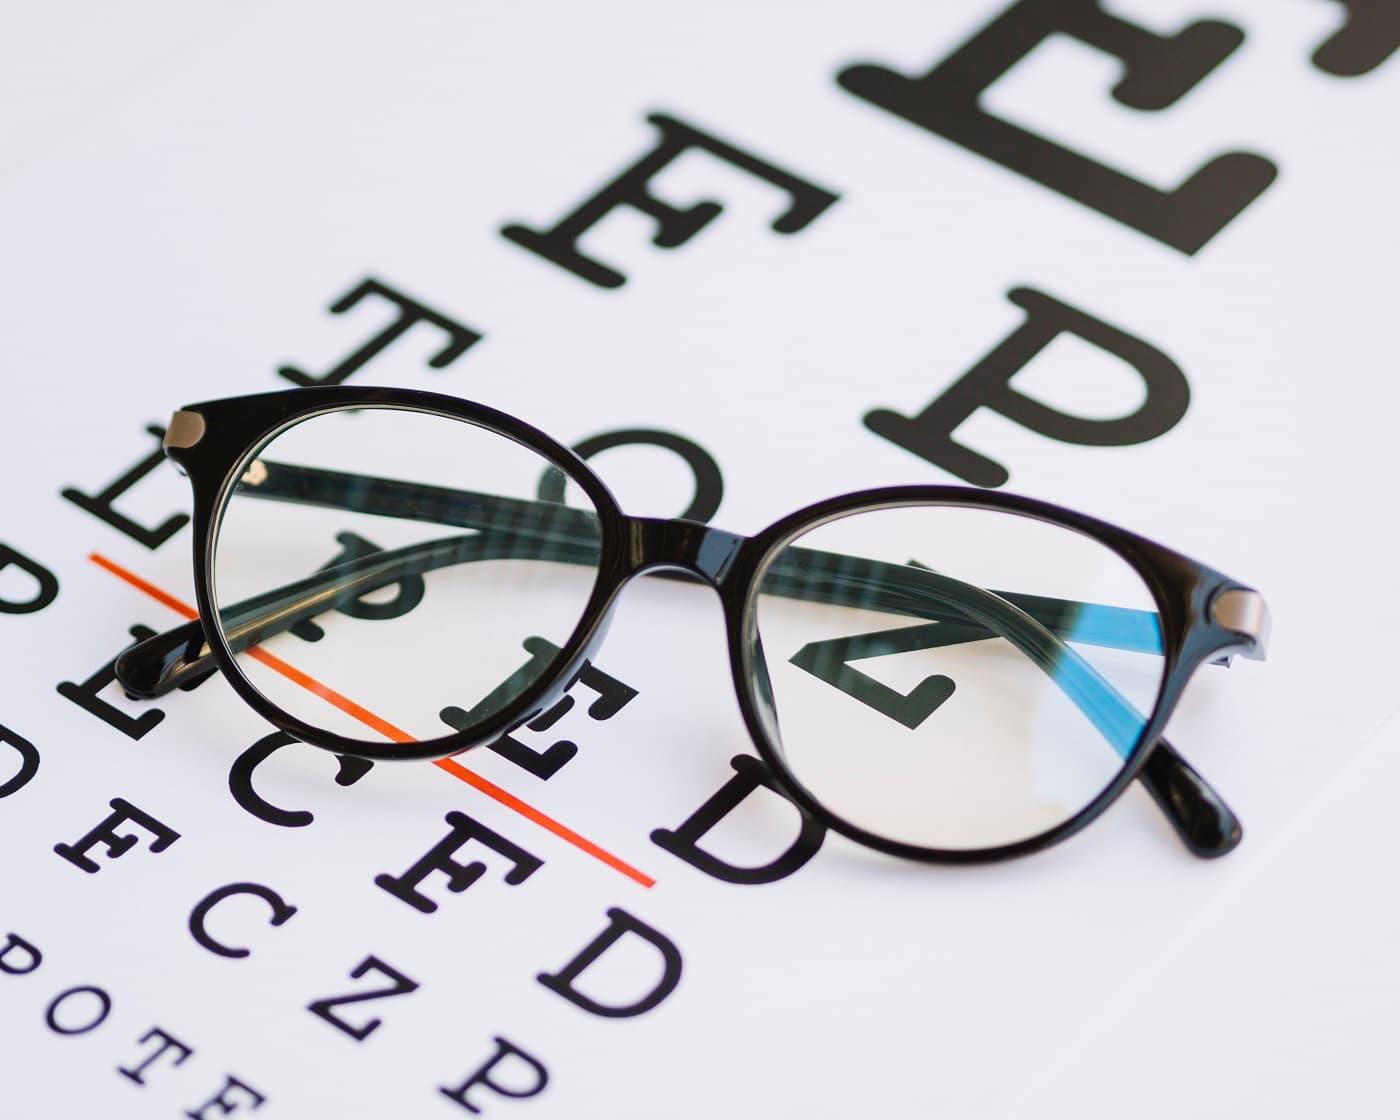 Protección de datos ópticas imagen conceptual de gafas y letras